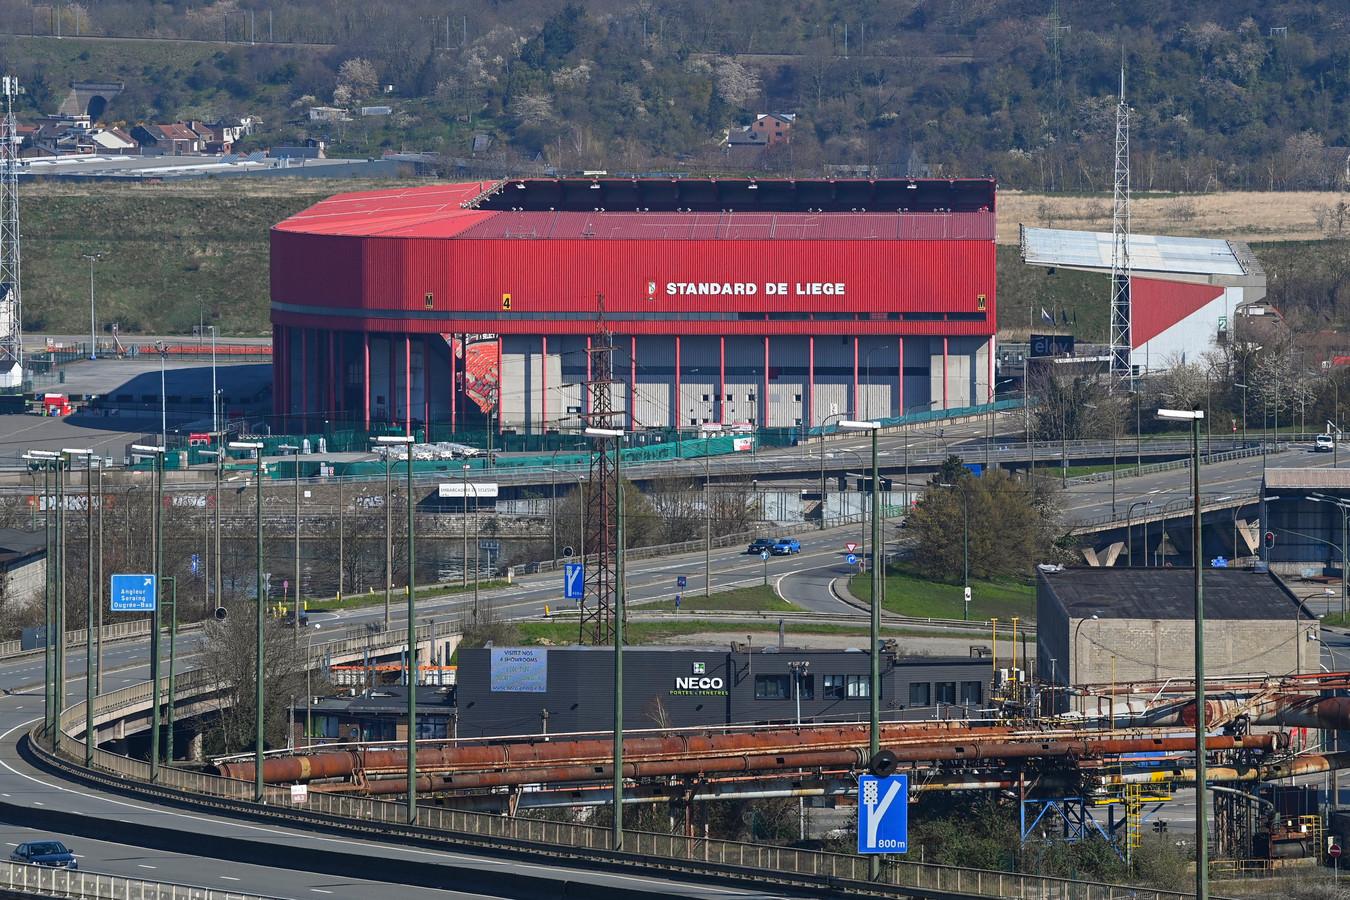 Le projet comprend donc l'extension du stade, mais aussi l'aménagement d'une vaste esplanade destinée aux supporters.